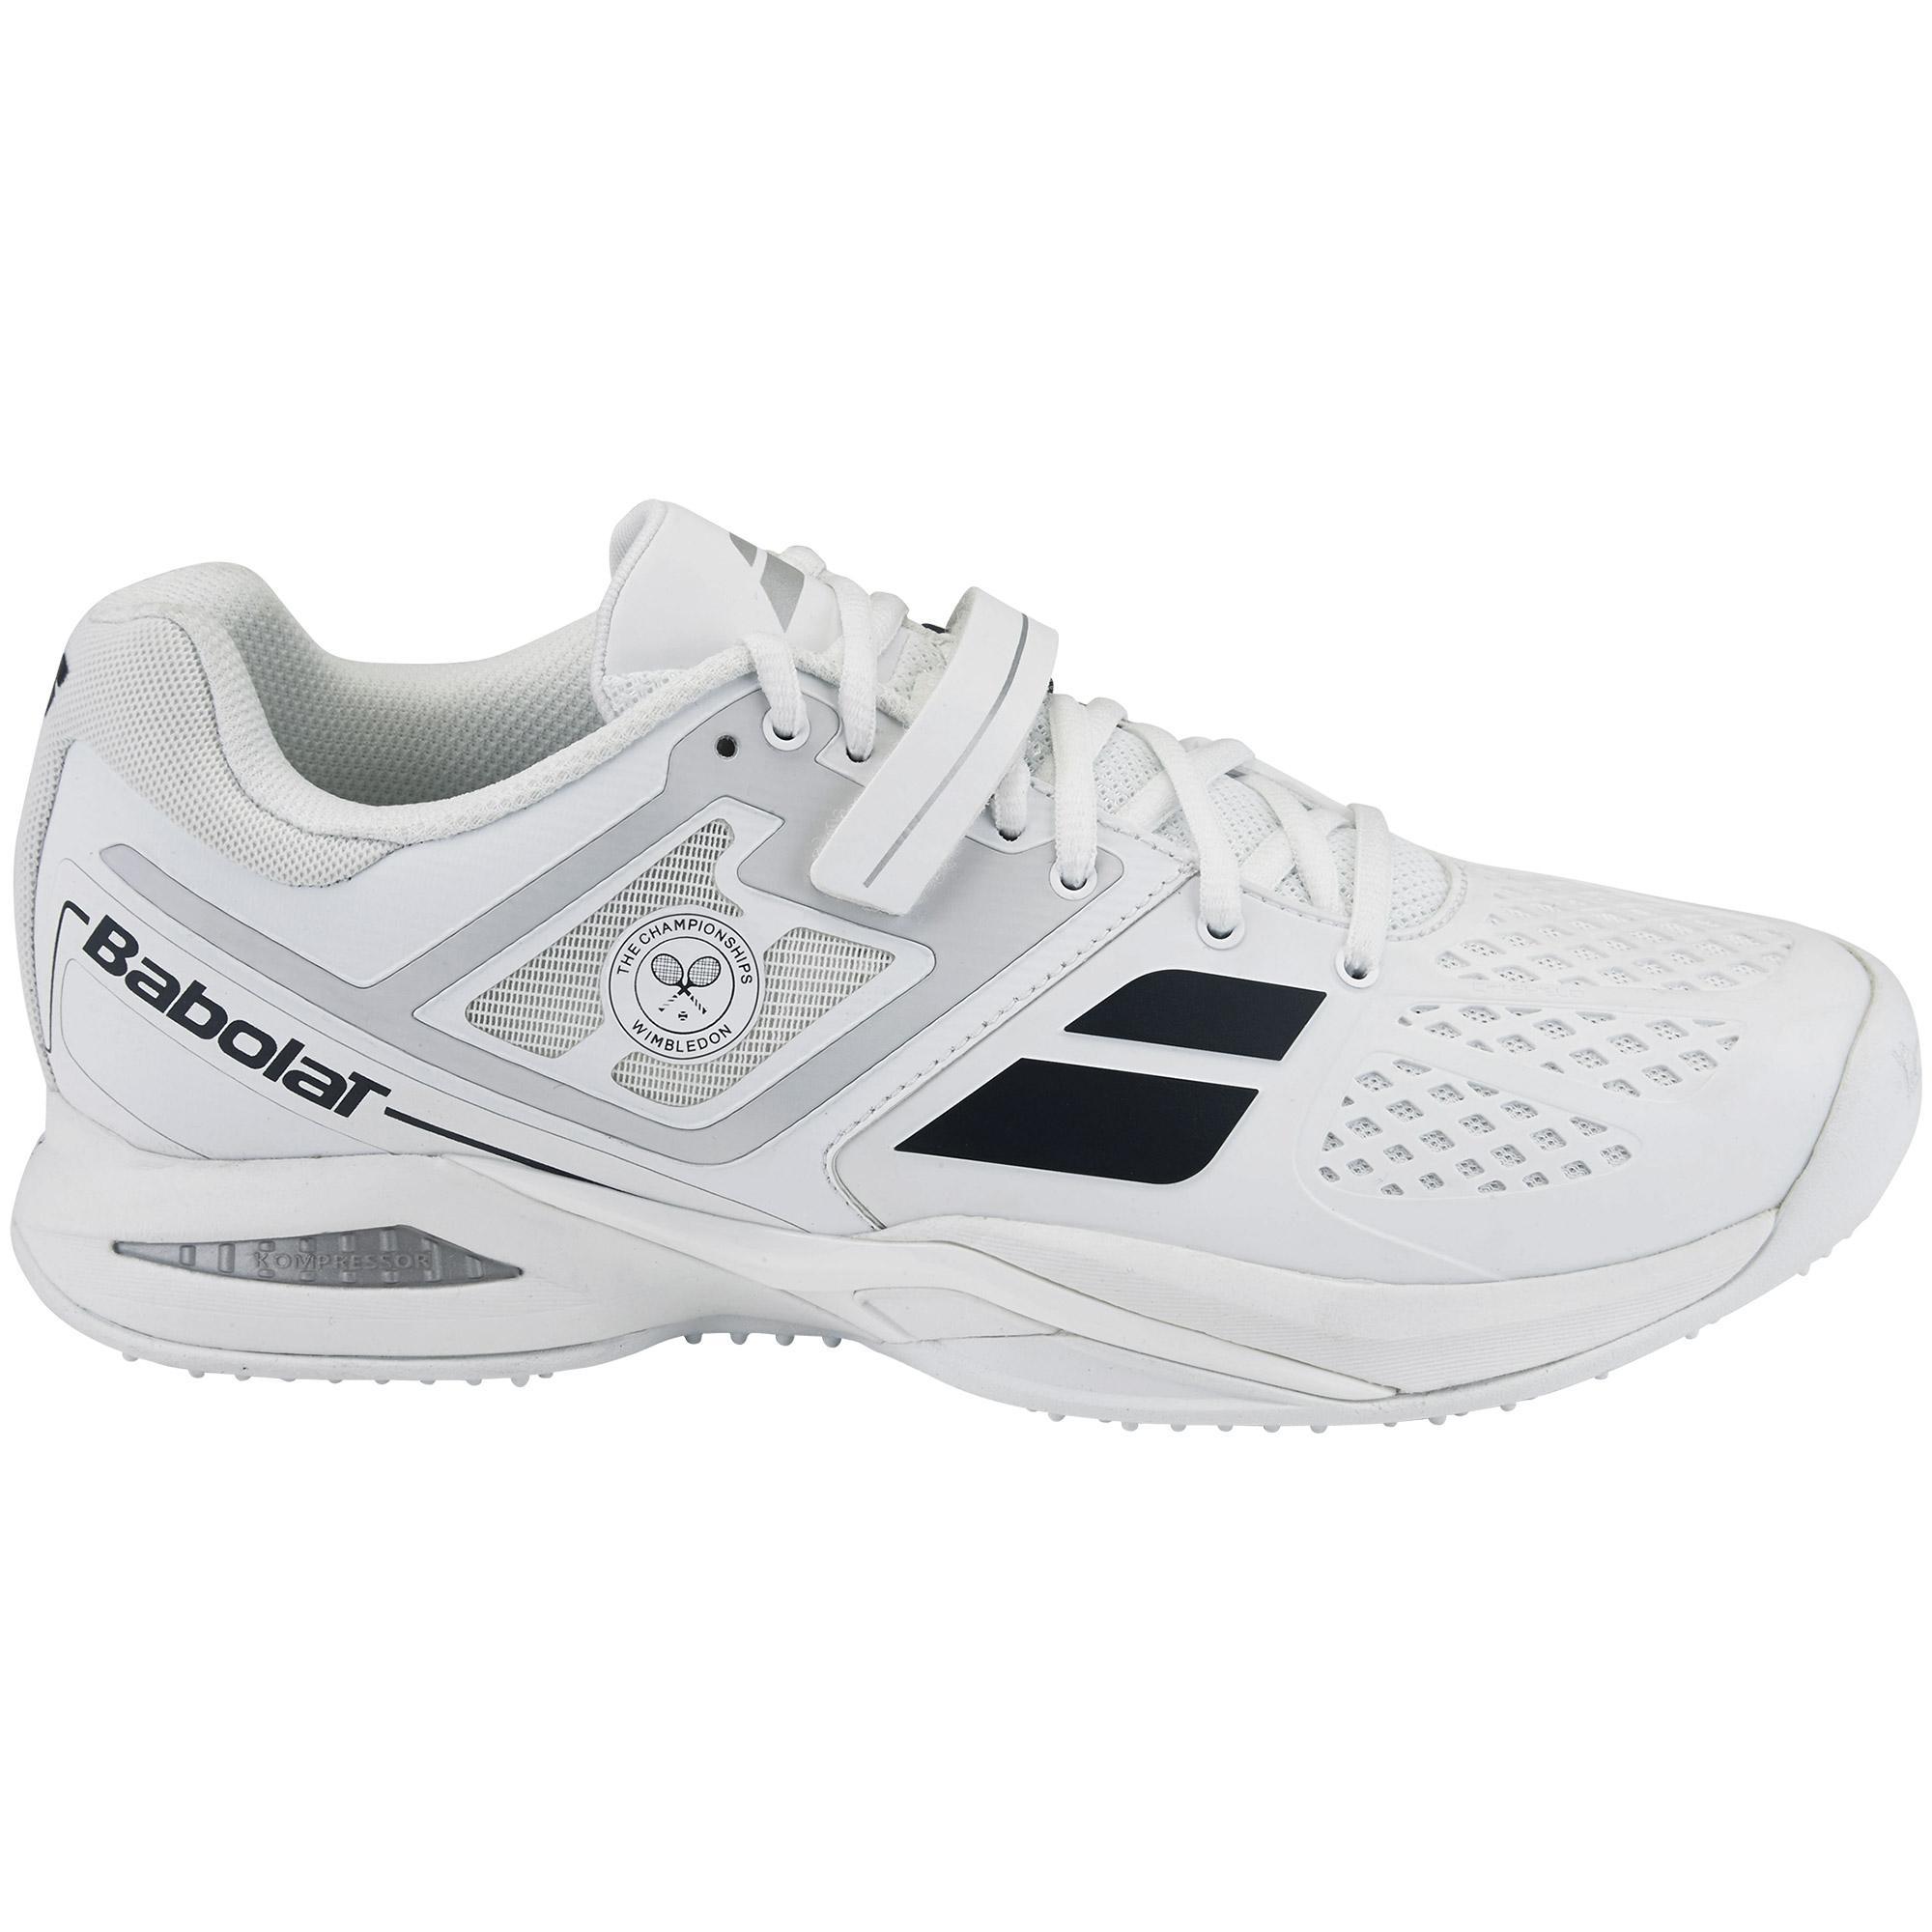 Babolat Propulse Wimbledon Grass Court Tennis Shoes - White - Tennisnuts.com 1a4e2c56575